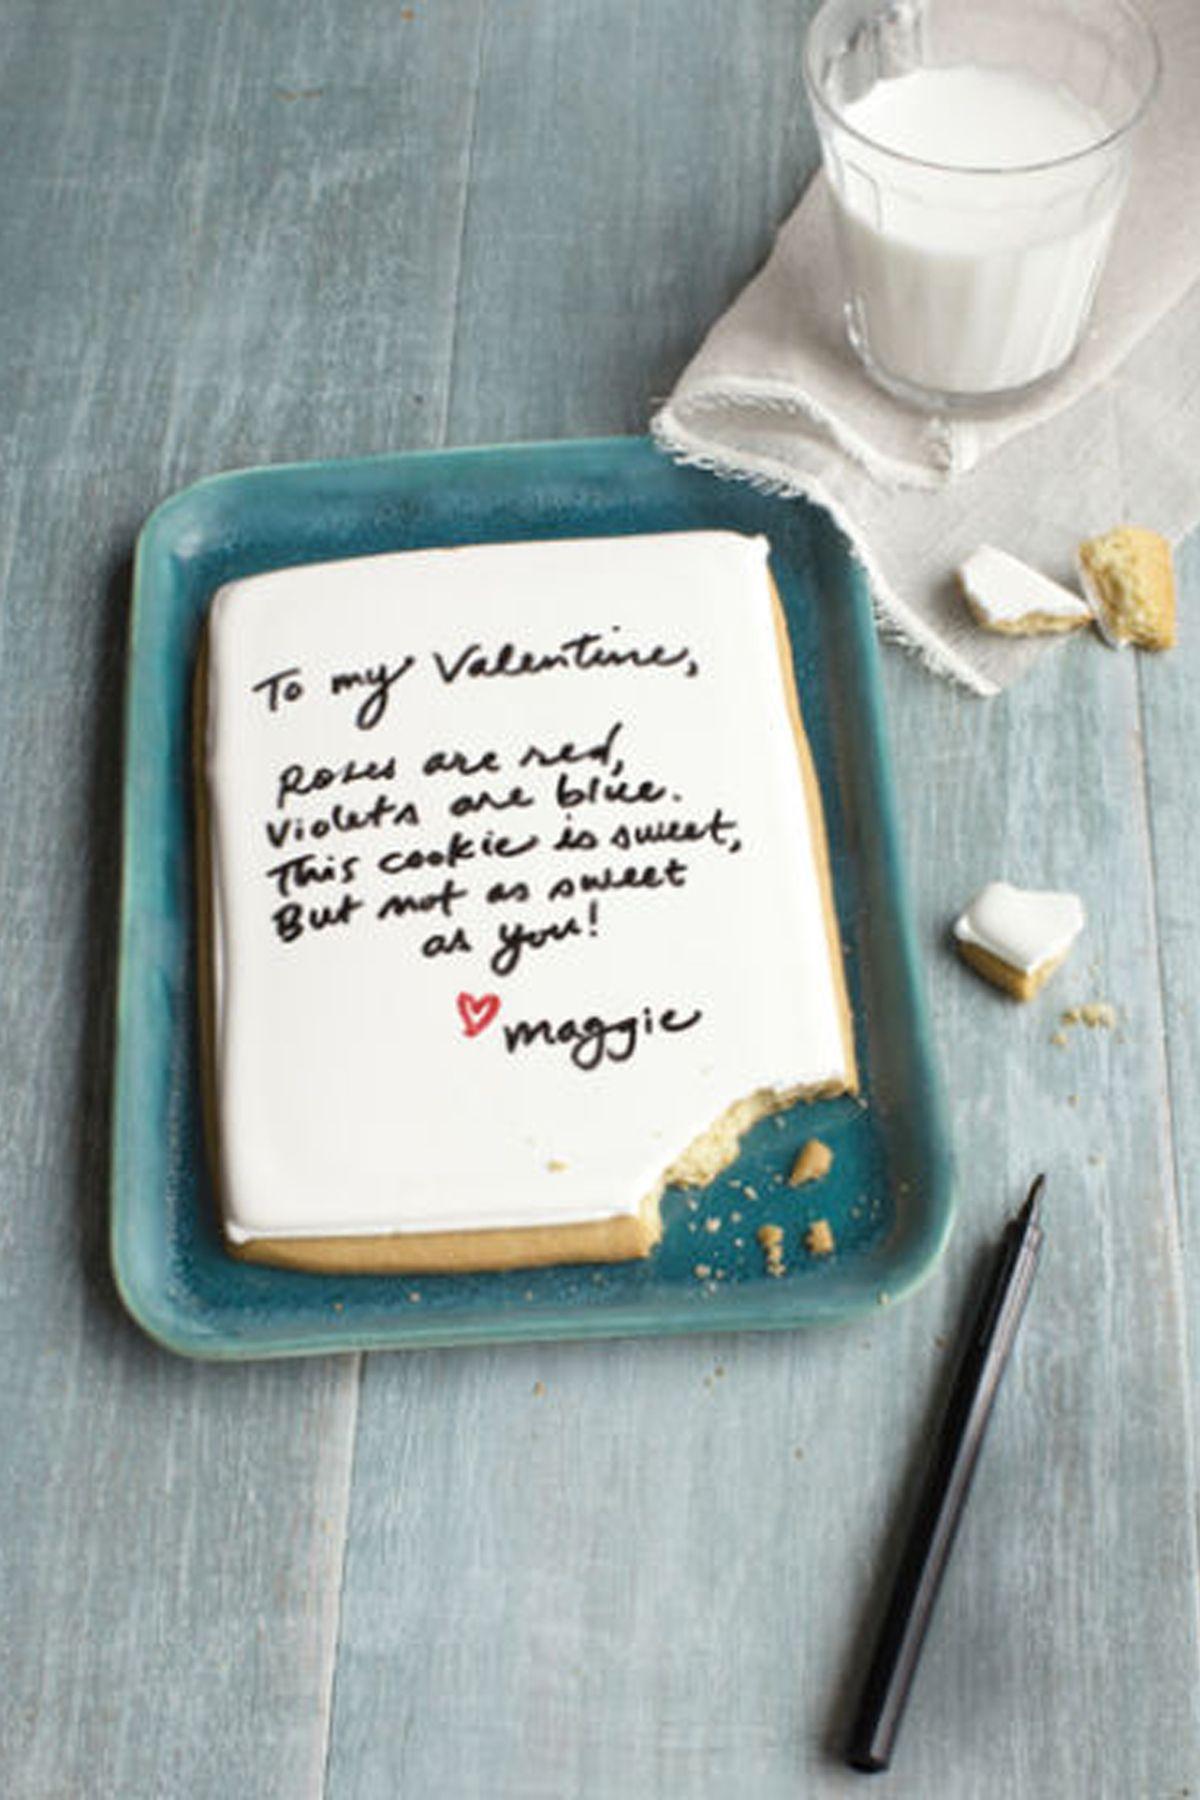 51 diy valentine's day gifts - best ideas for valentine's day crafts